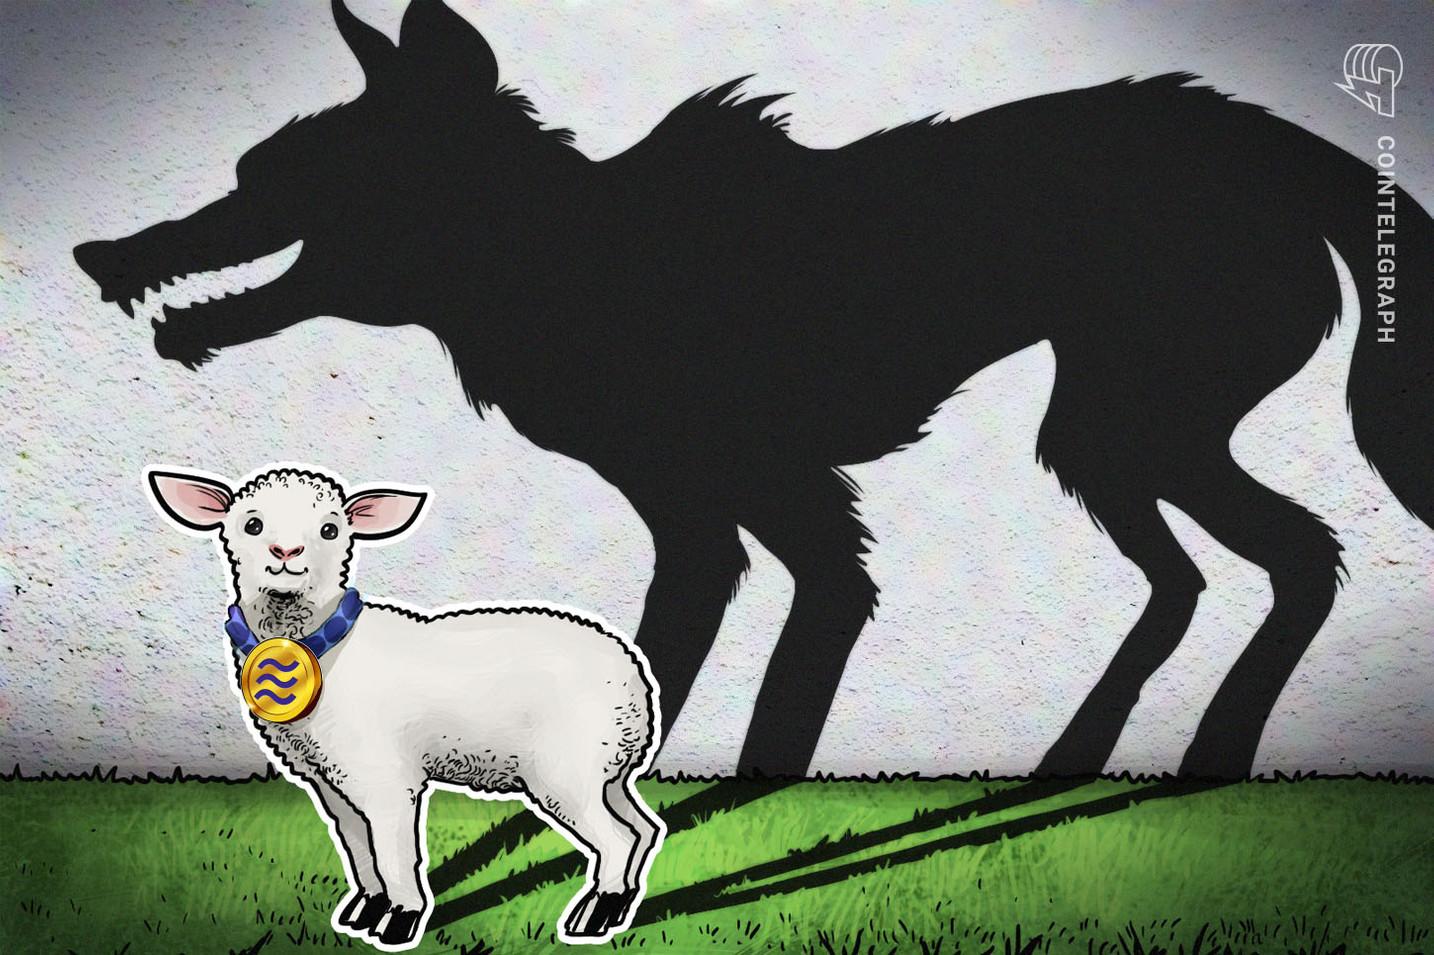 """브라운 상원 의원, 리브라에 대해 """"시장에서 기업의 지배력 강화 방법"""" 의견 표명"""